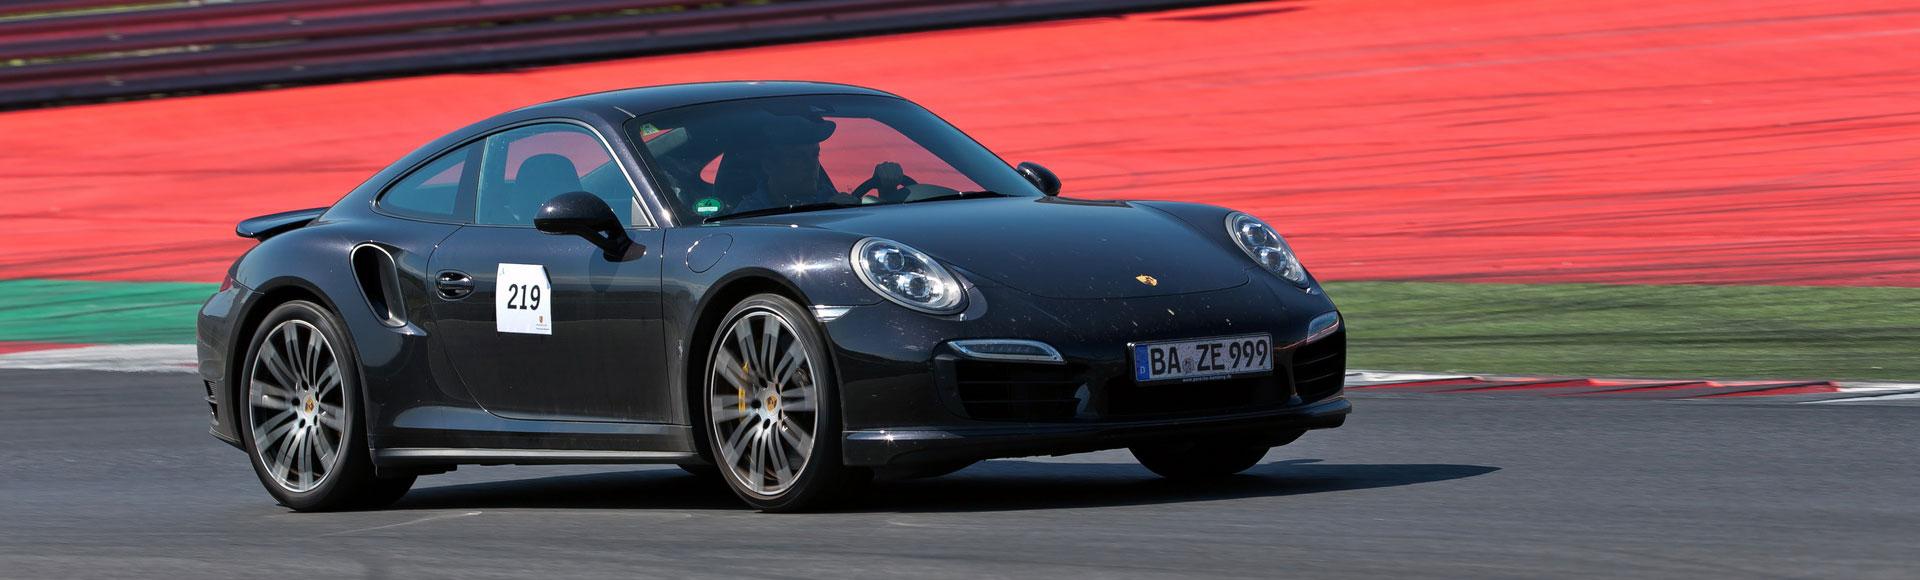 Porsche 991 Turbo 2014 Sommer 0114